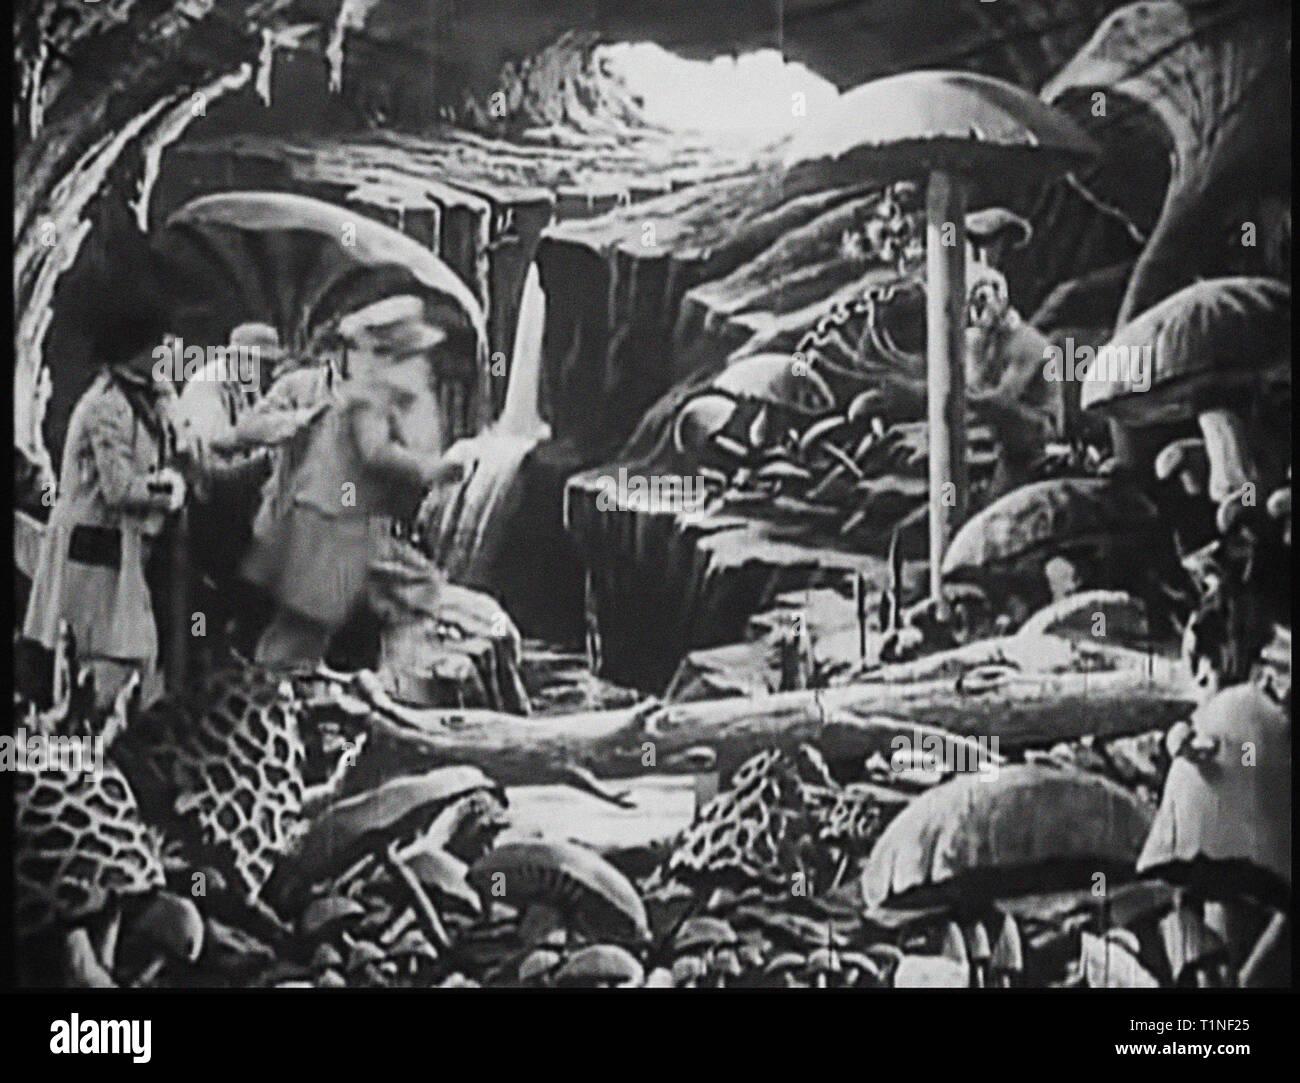 Le Voyage Dans La Lune 1902 Stock Photos Le Voyage Dans La